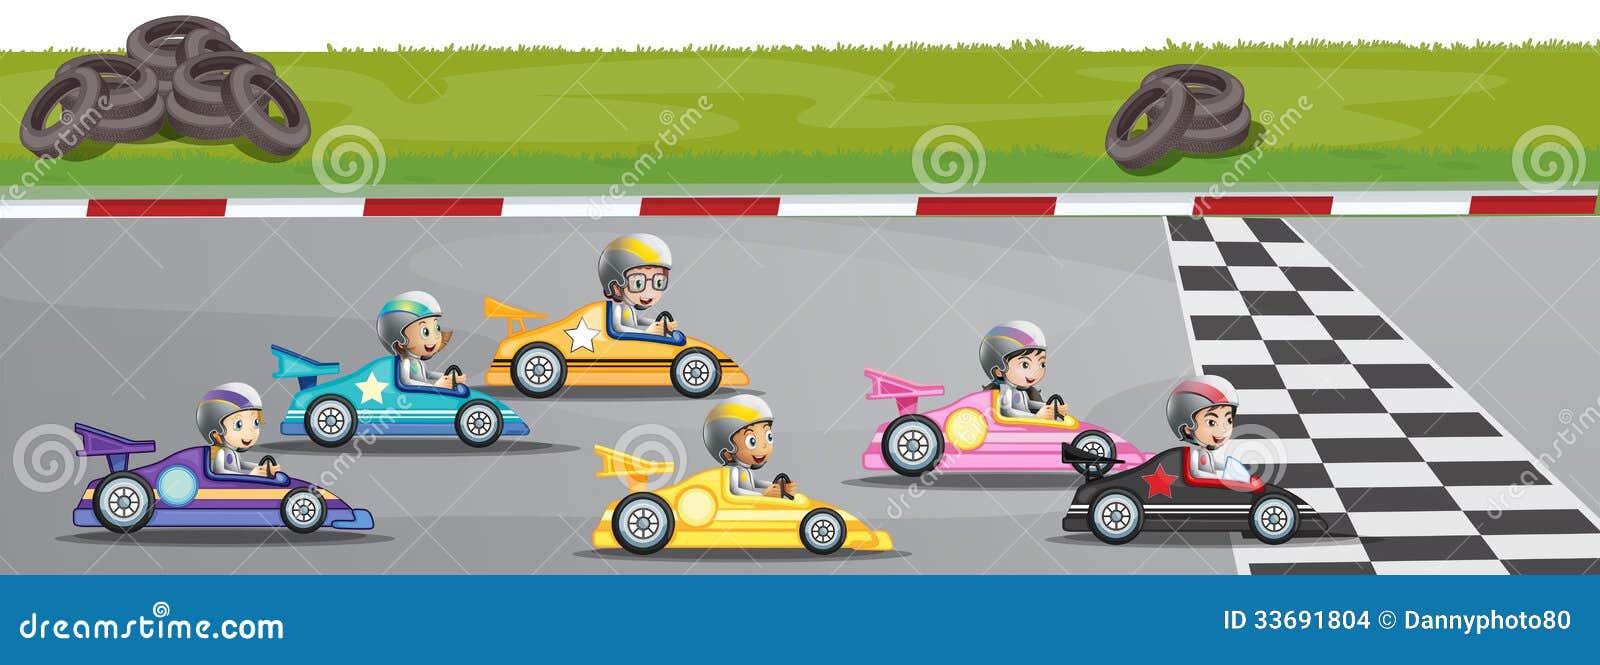 小汽车赛竞争